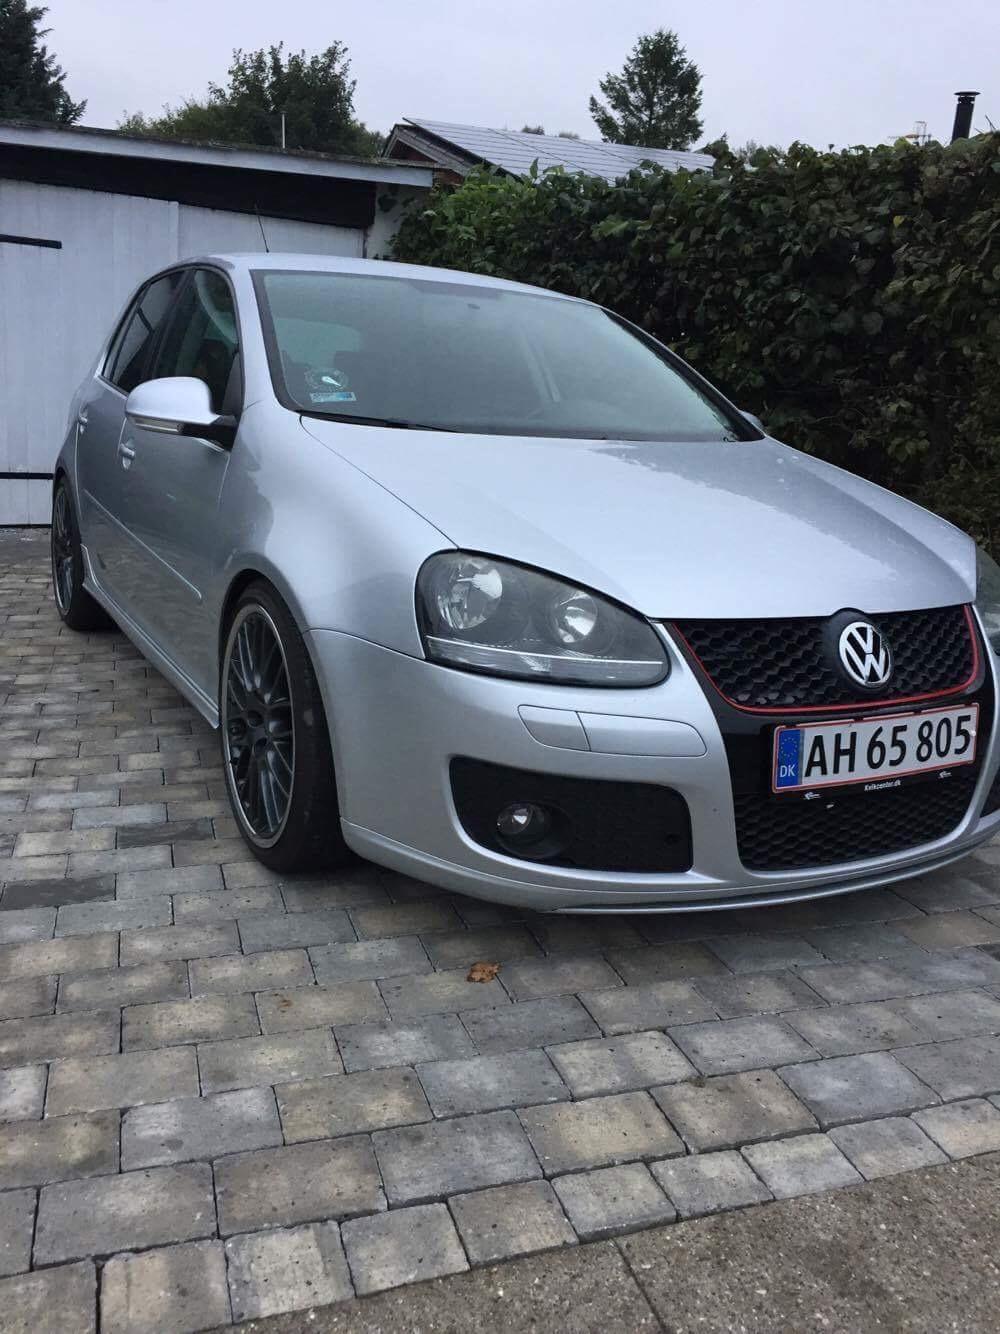 VW Golf 5 GT Sport 2,0 TDI billede 6